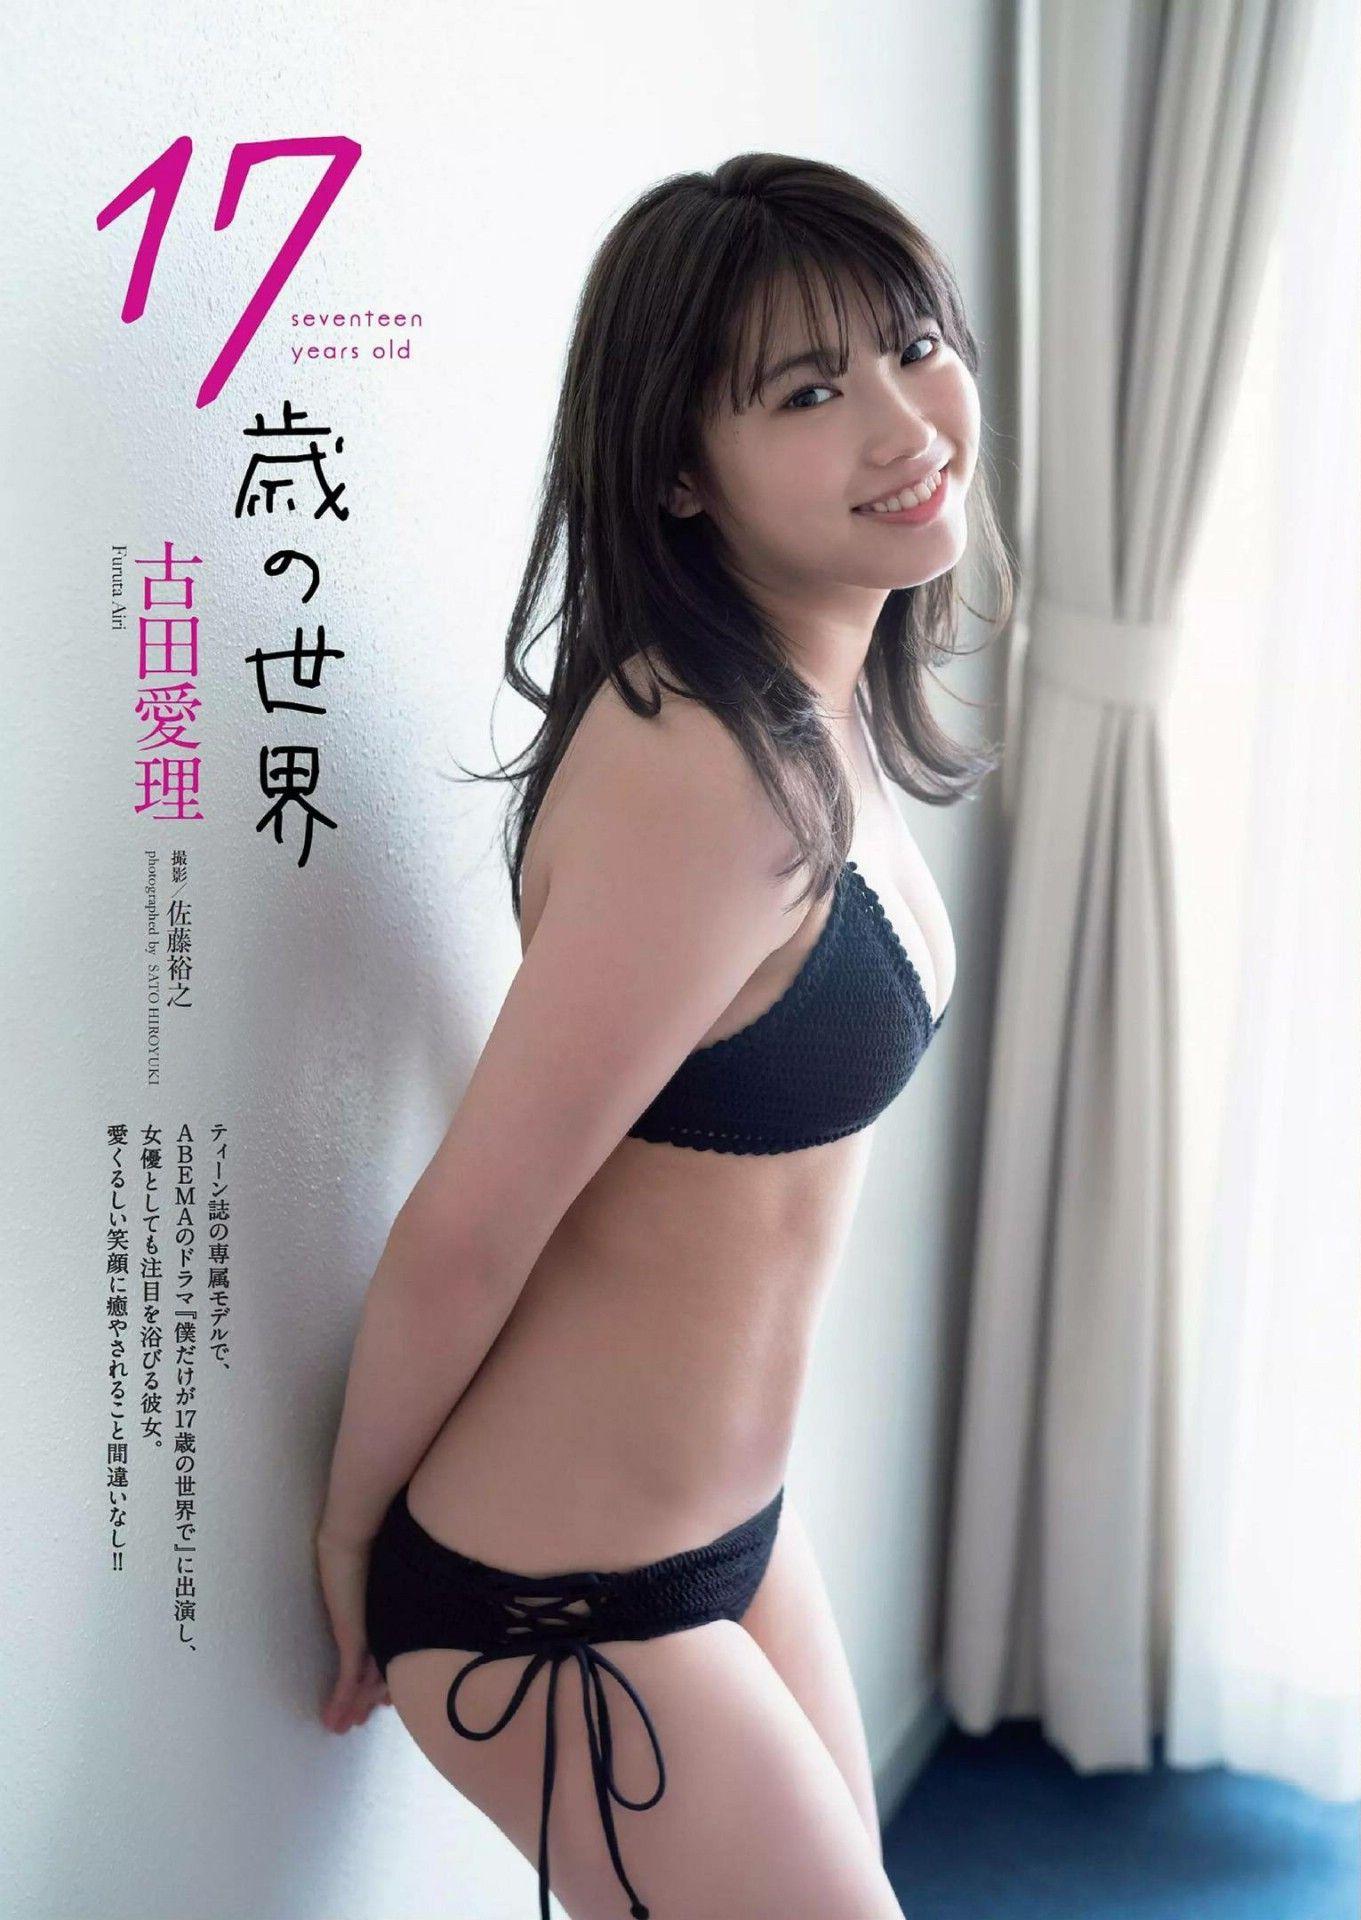 高崎加奈美 吉田爱理-Weekly Playboy-第9张图片- www.coserba.com整理发布